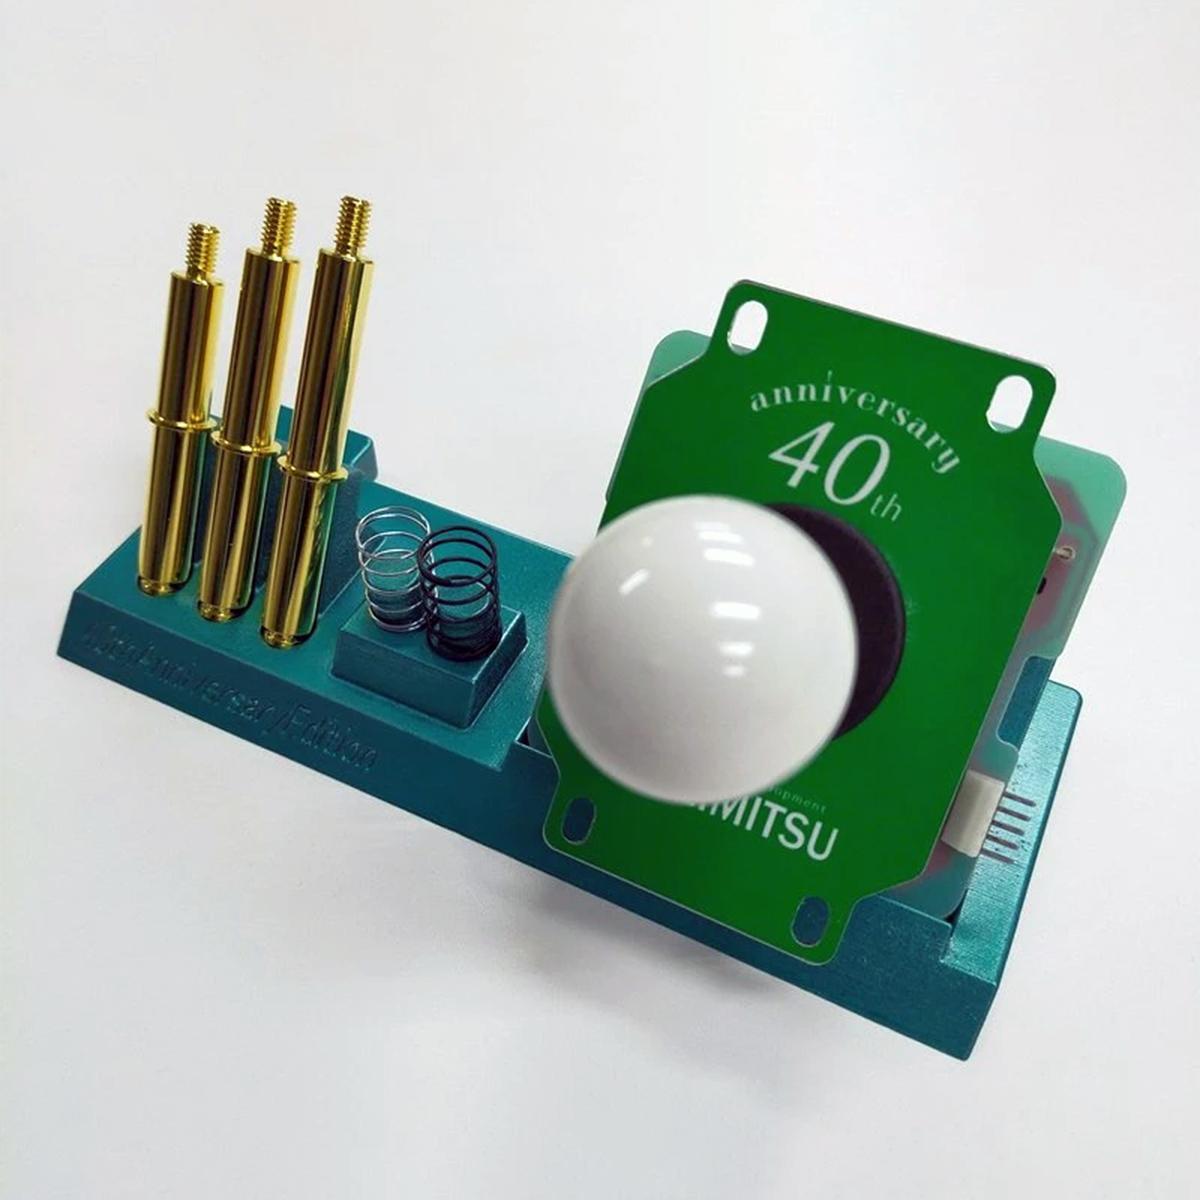 セイミツ工業 LS-32-01 40thアニバーサリーモデル 基盤タイプジョイスティックレバー